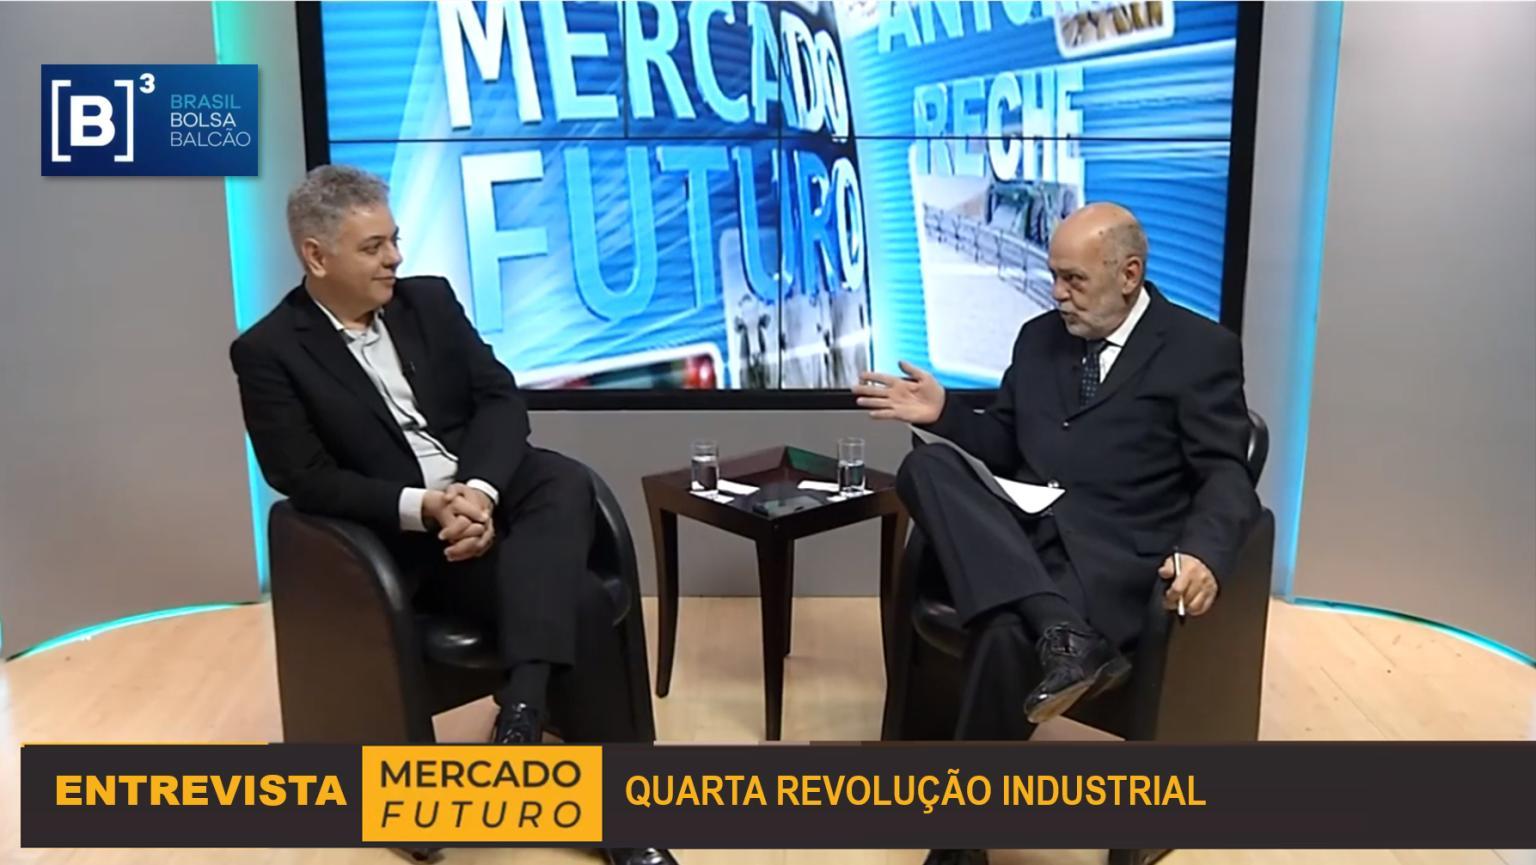 Elcio Brito interview for the Future Market program